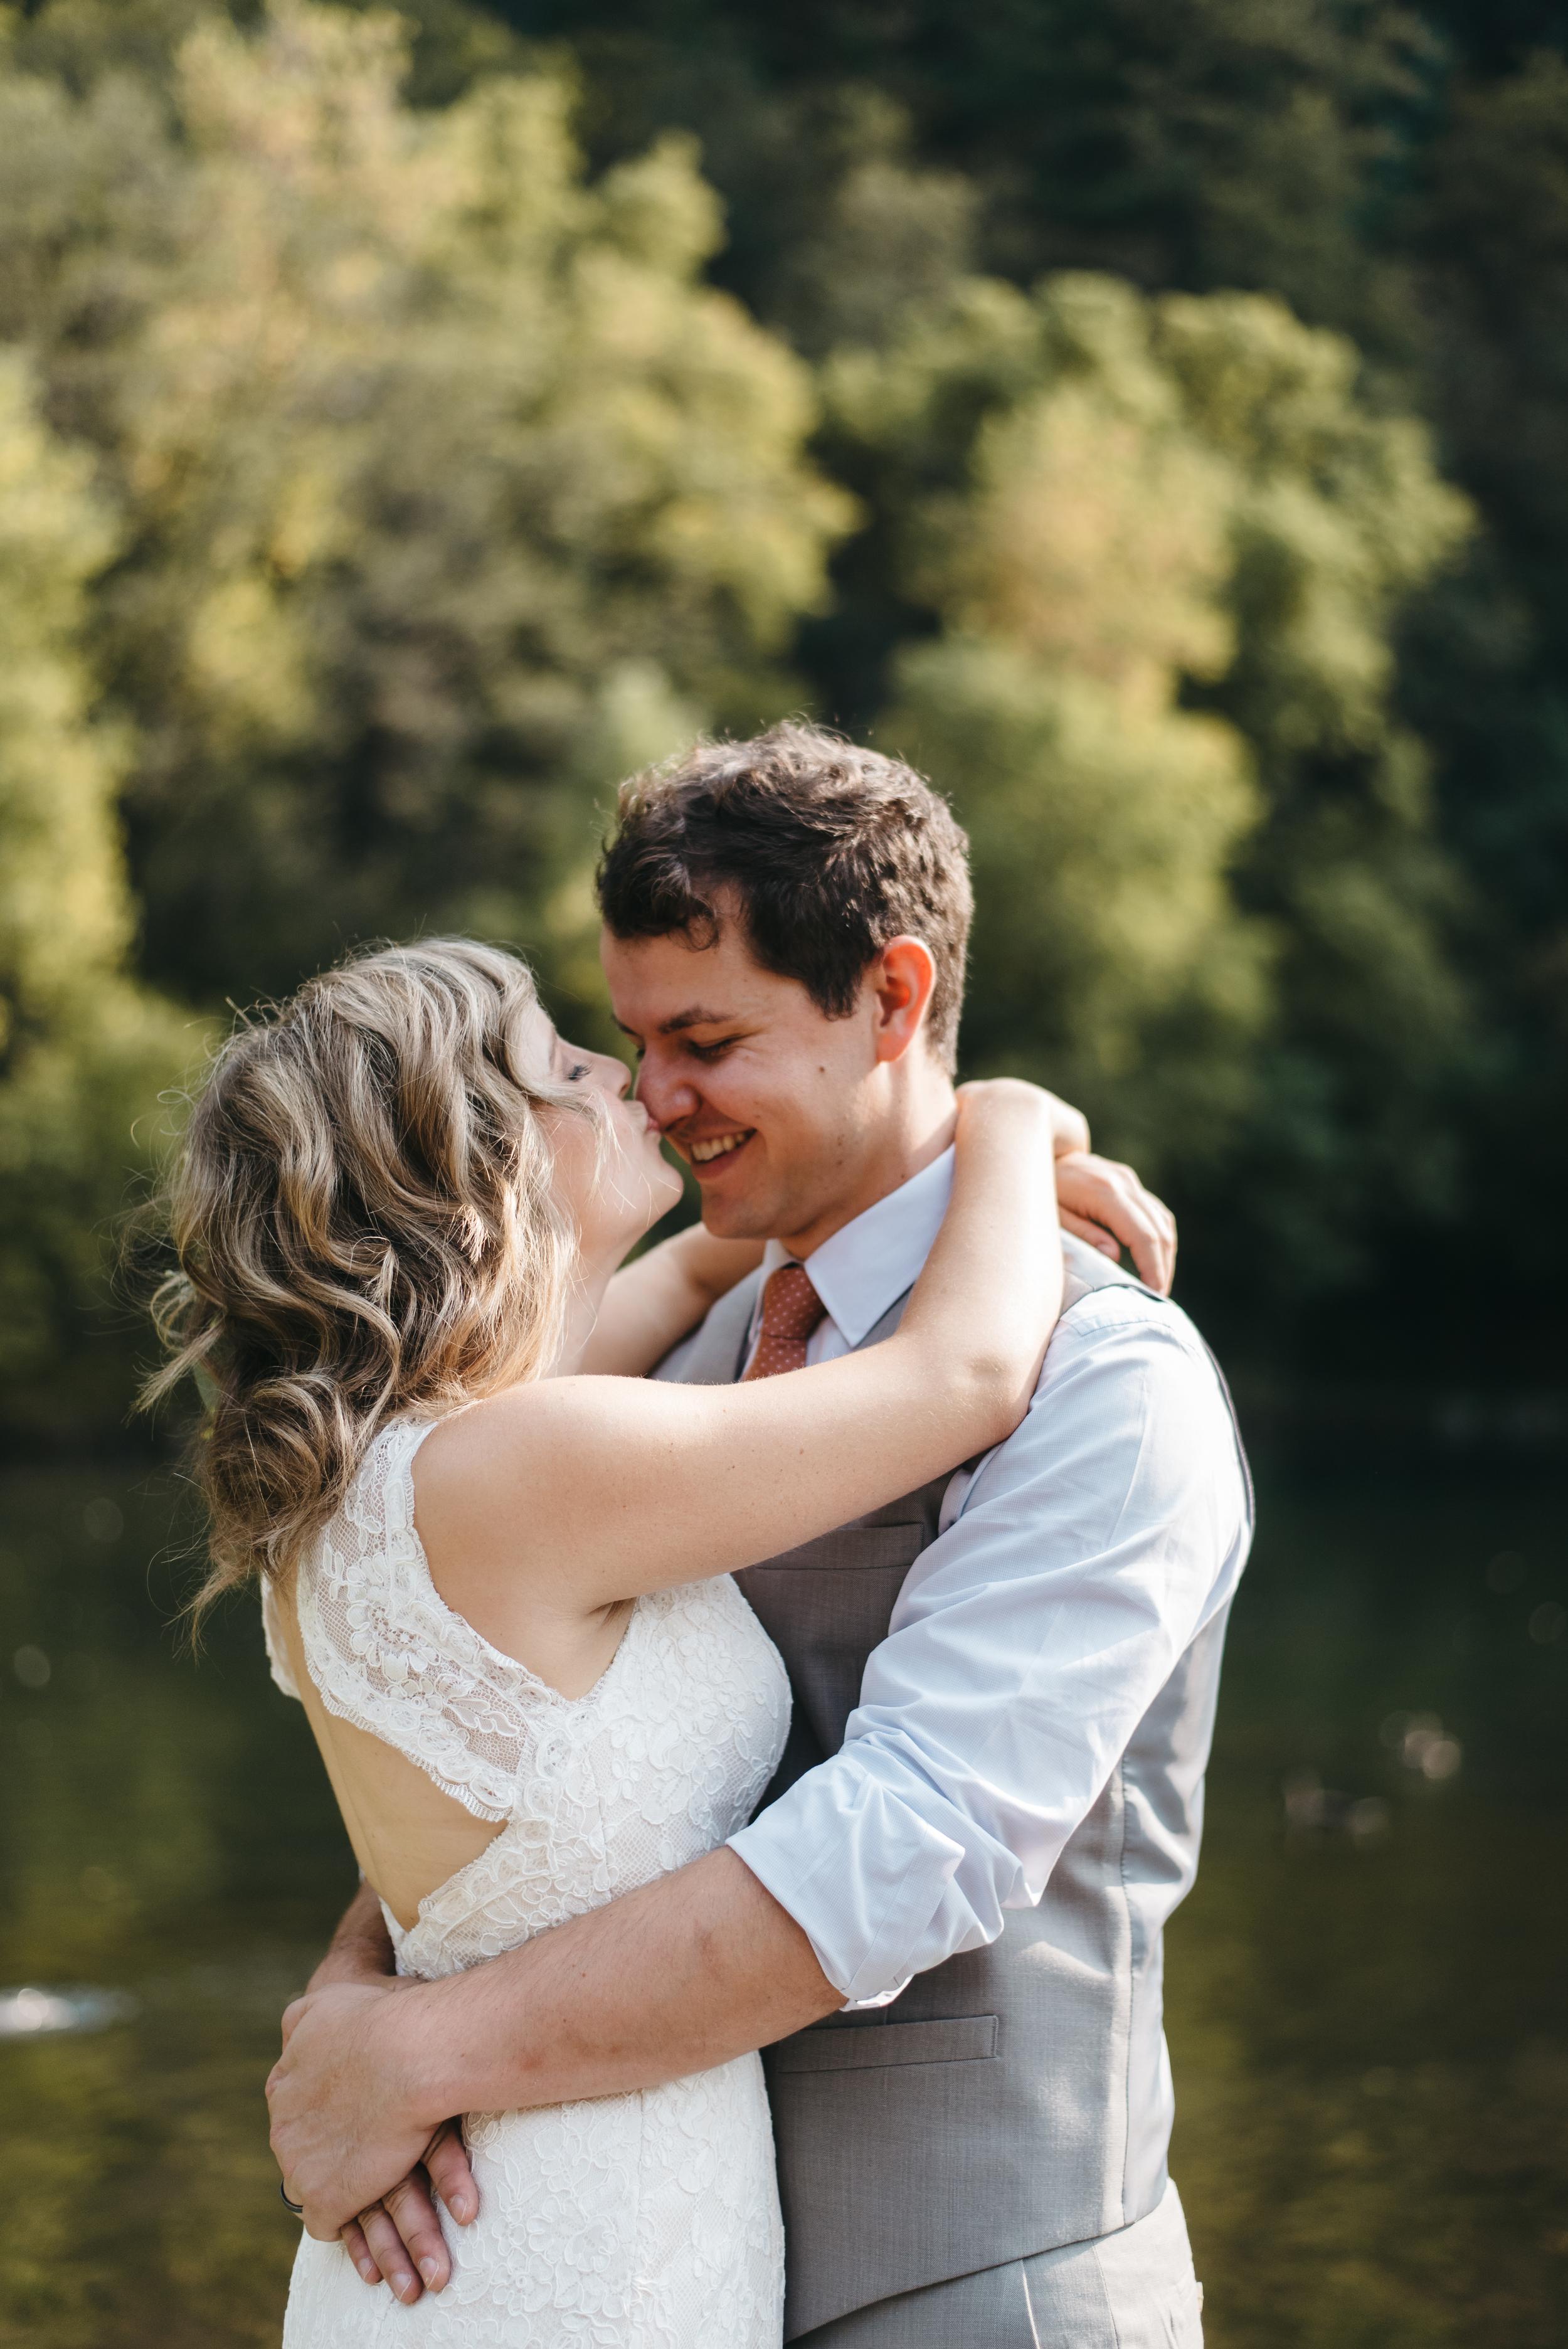 Liz&Mike Bridals-46.jpg